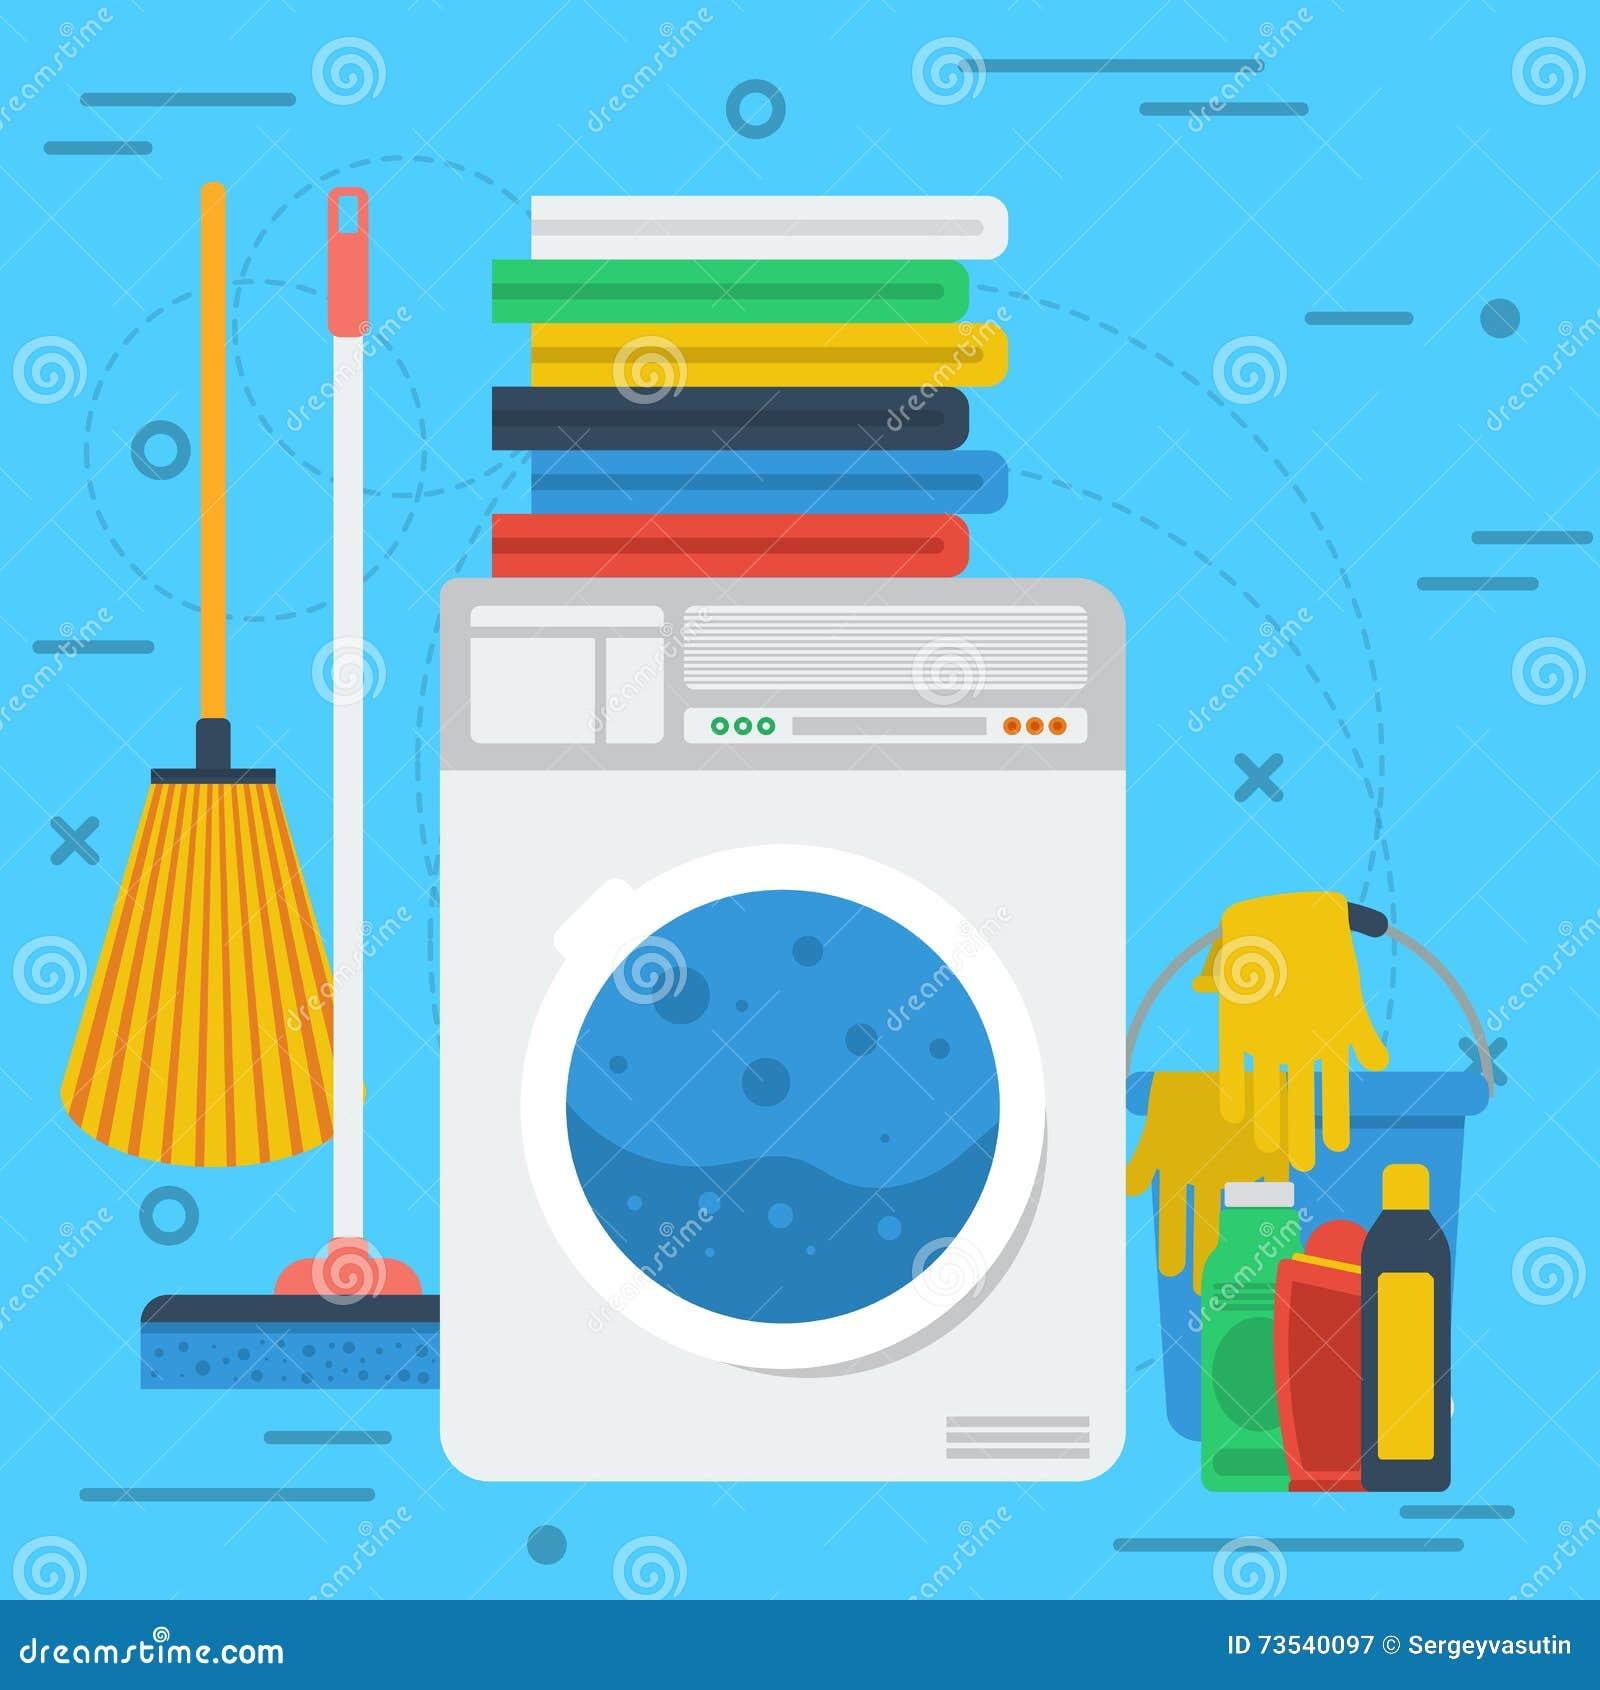 Nettoyage De La Machine À Laver articles de nettoyage avec la machine à laver illustration